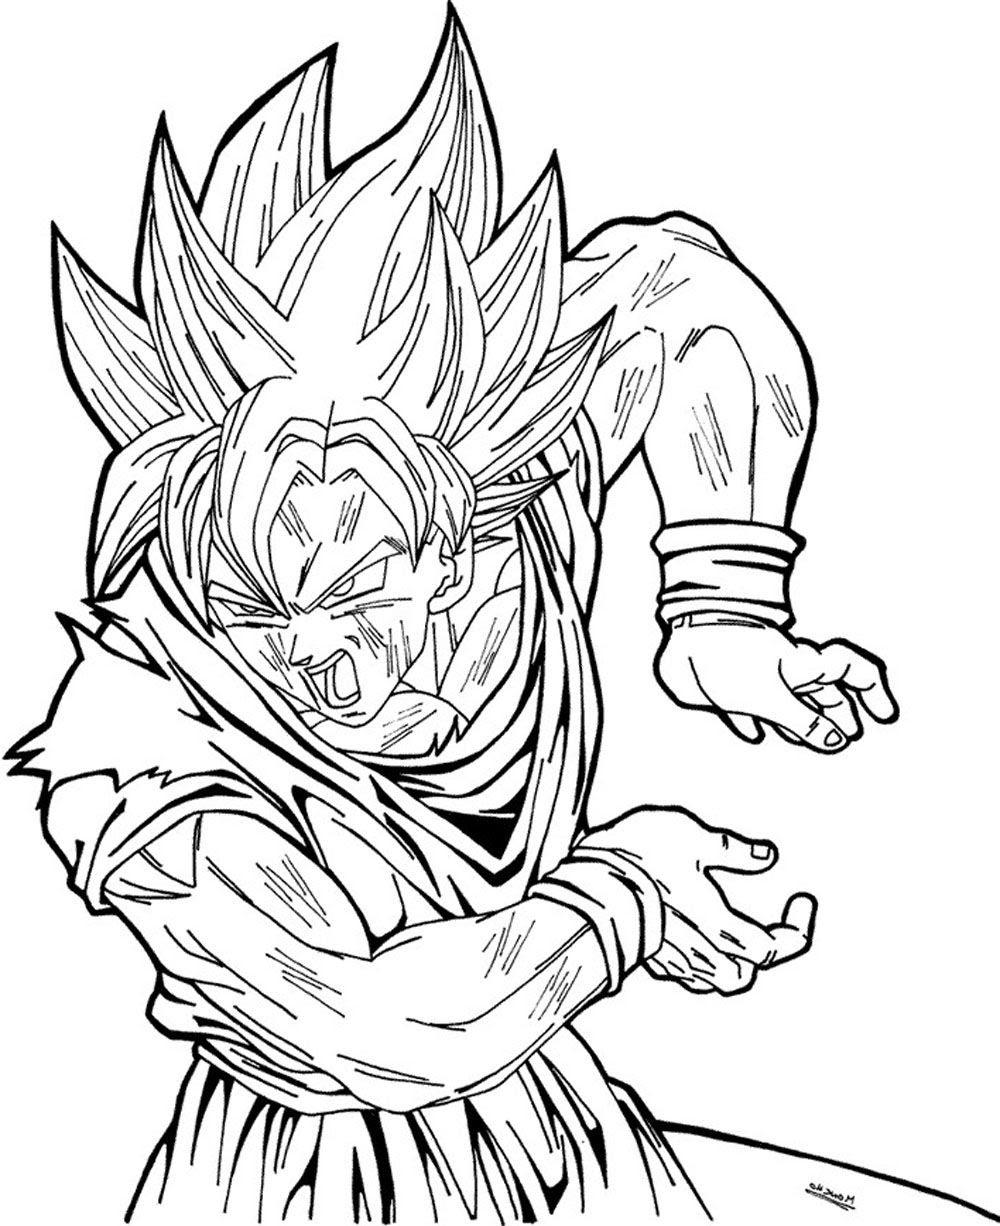 Dibujos Para Imprimir Y Colorear De Goku Imagesacolorierwebsite